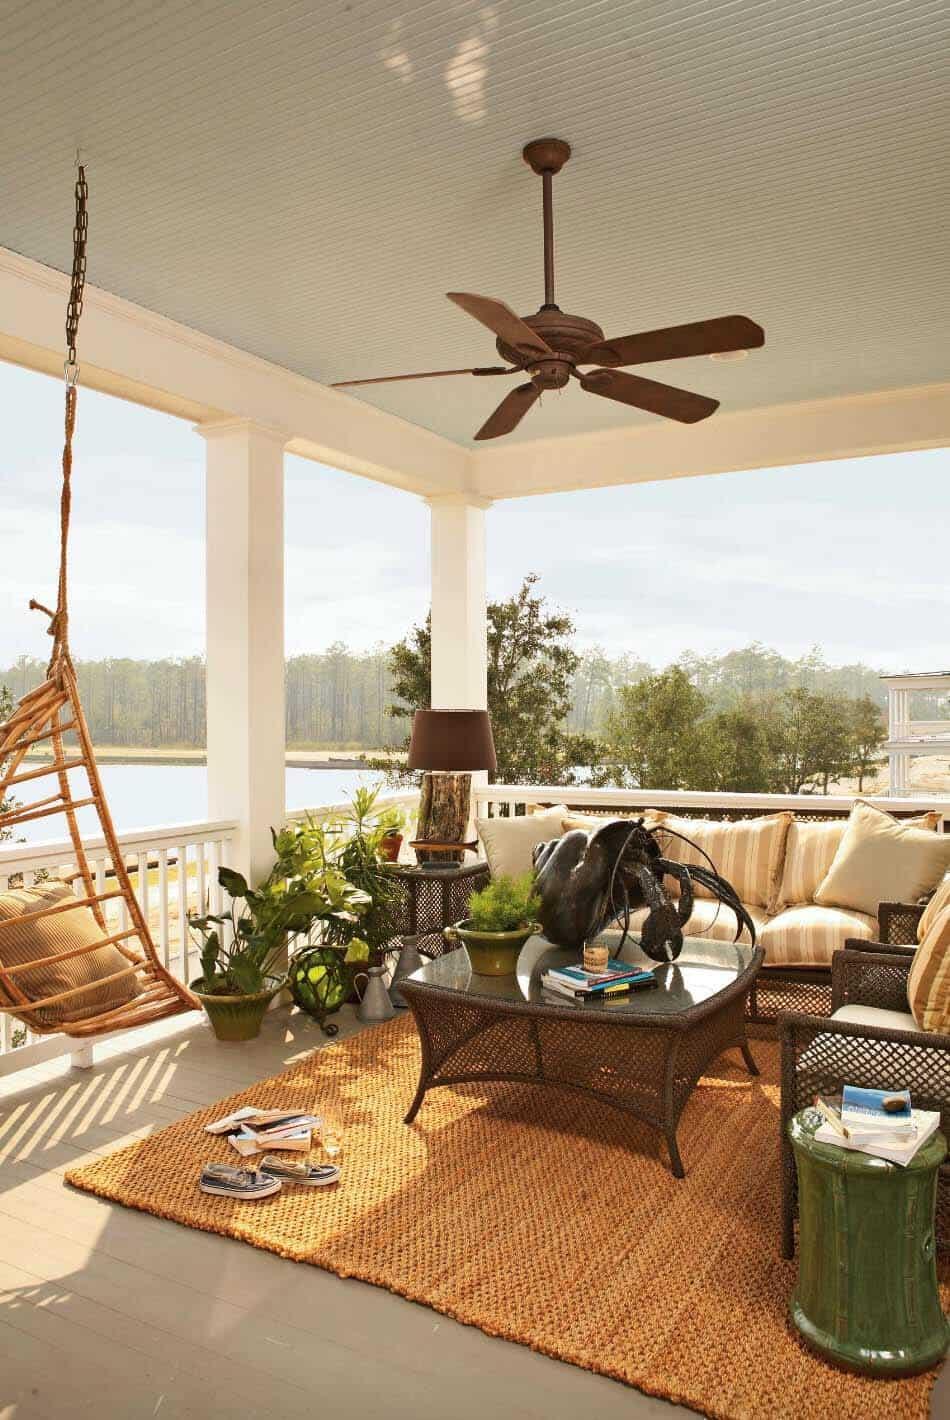 Maison traditionnelle de style côtier-Concepts historiques-18-1 Kindesign